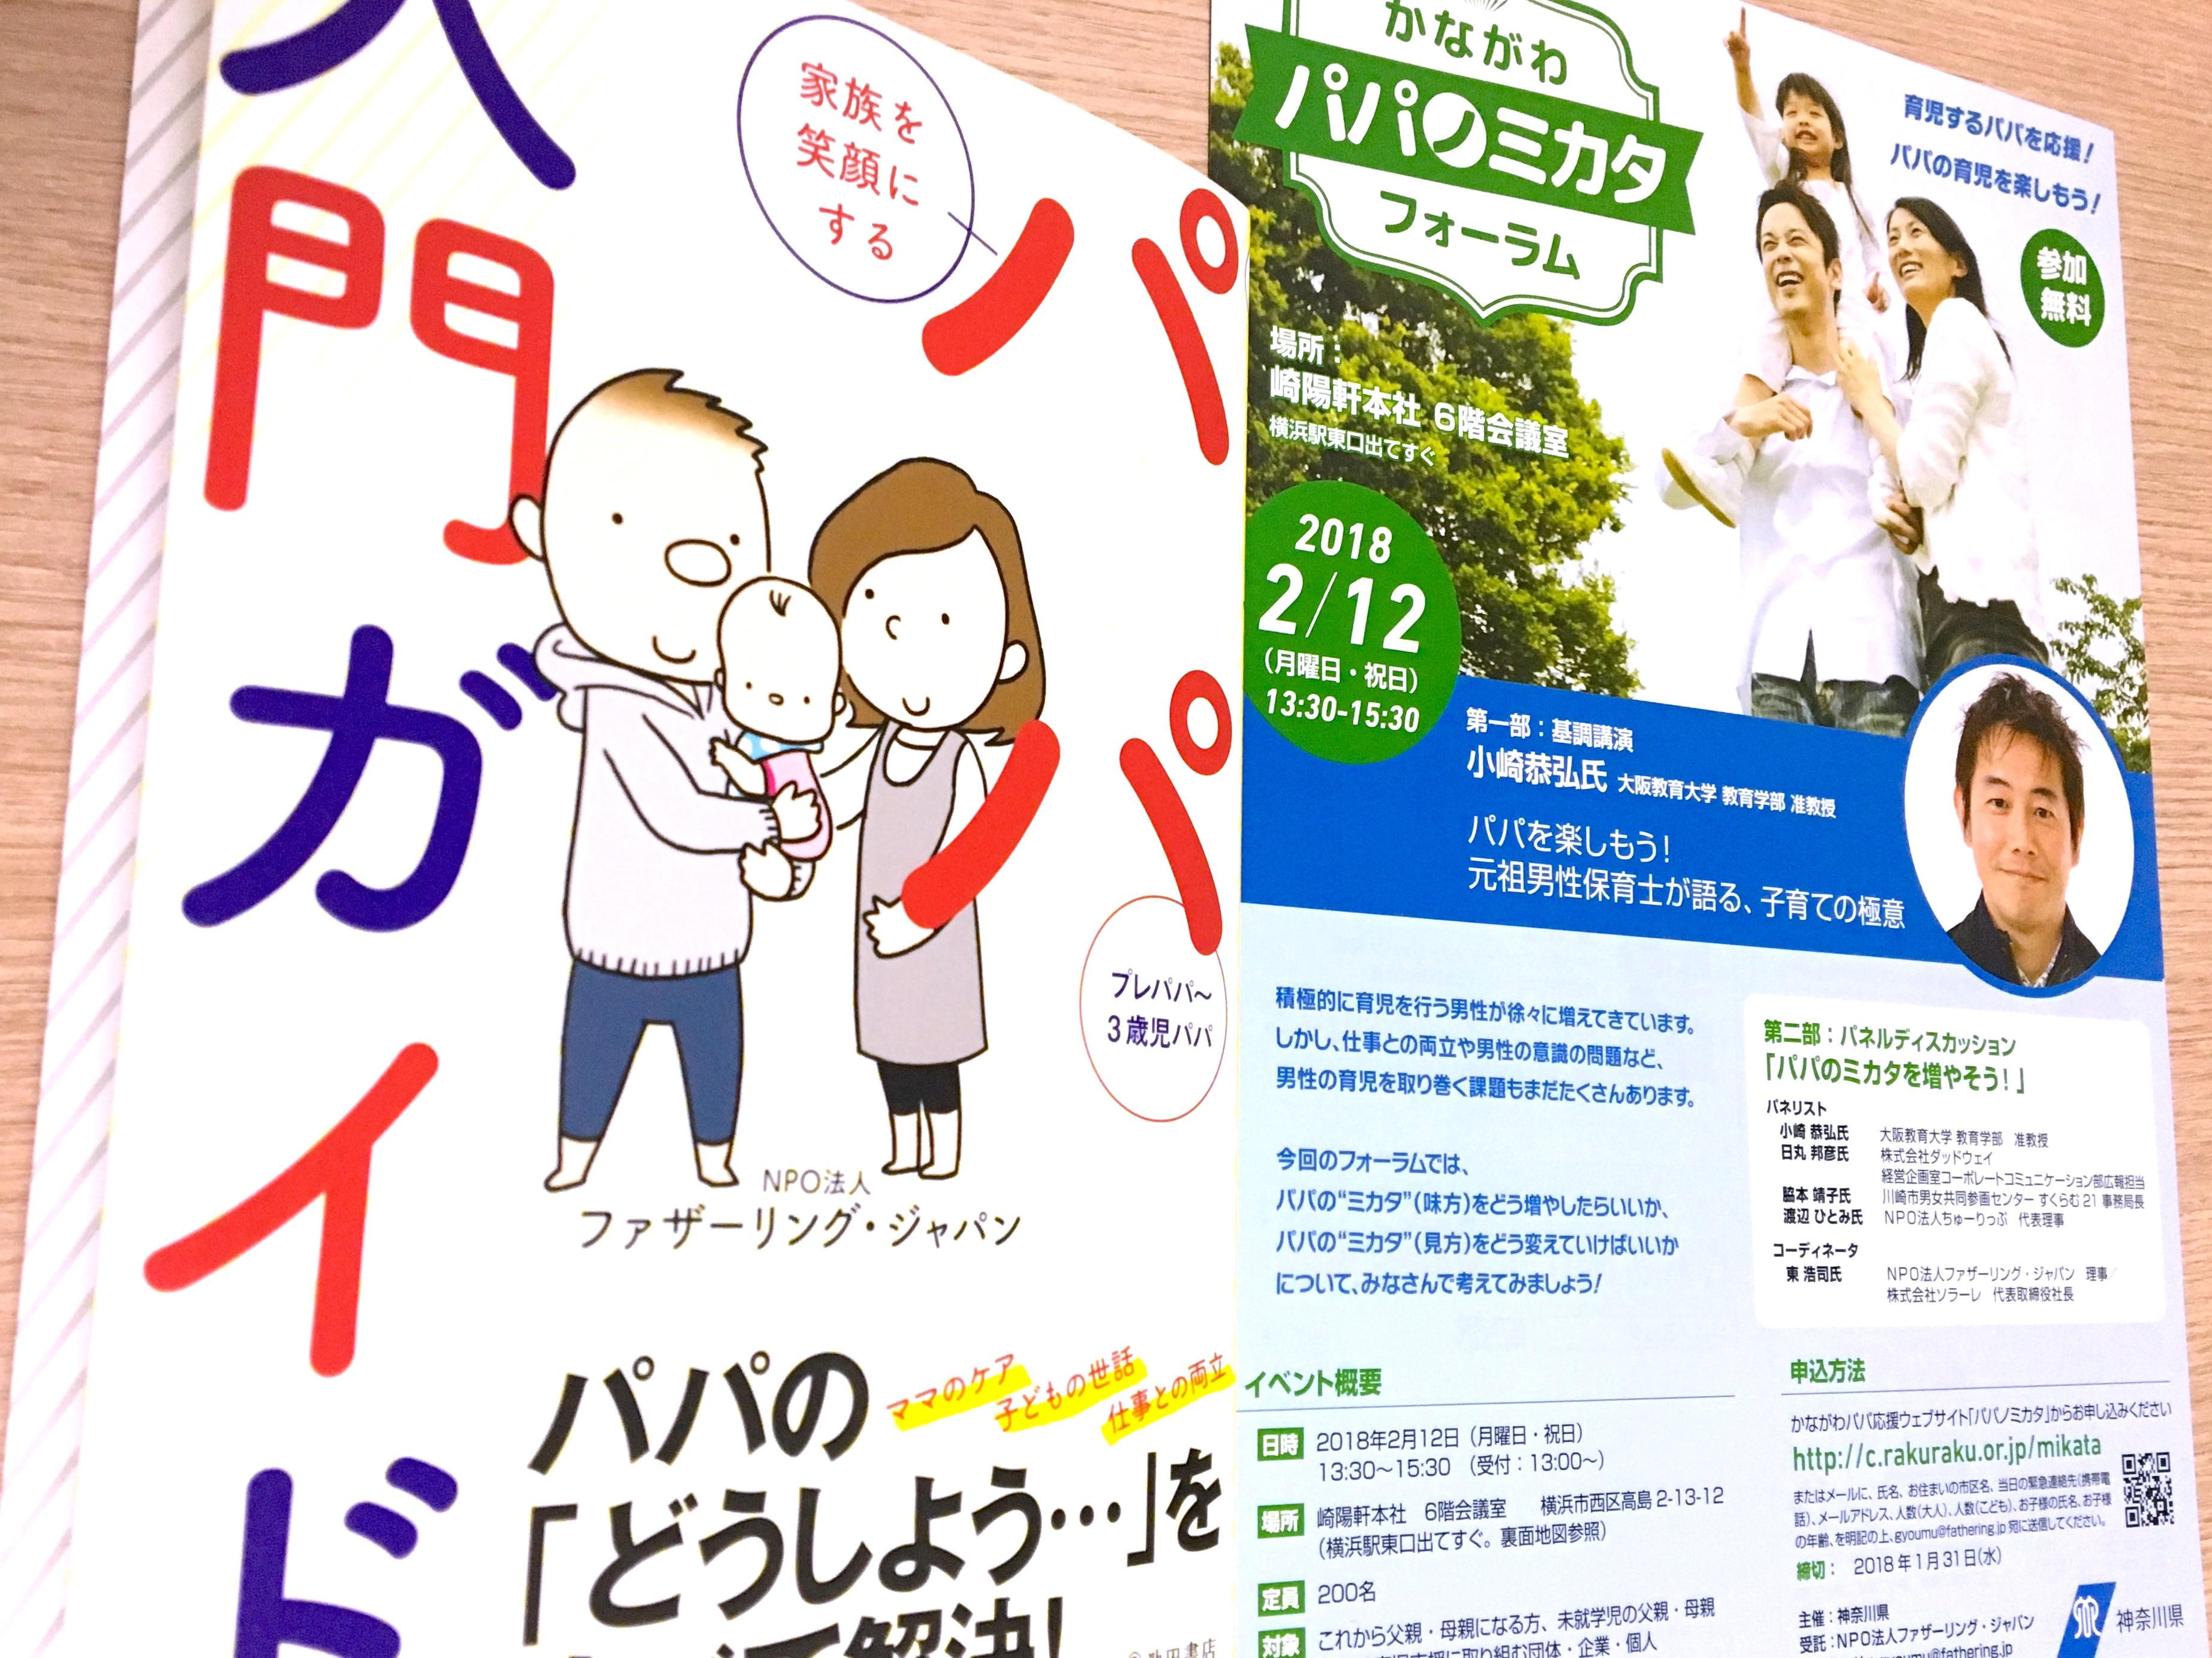 祝!『家族を笑顔にする パパ入門ガイド』発売&祝日!かながわパパノミカタフォーラムの告知を県のウェブサイトでも開始